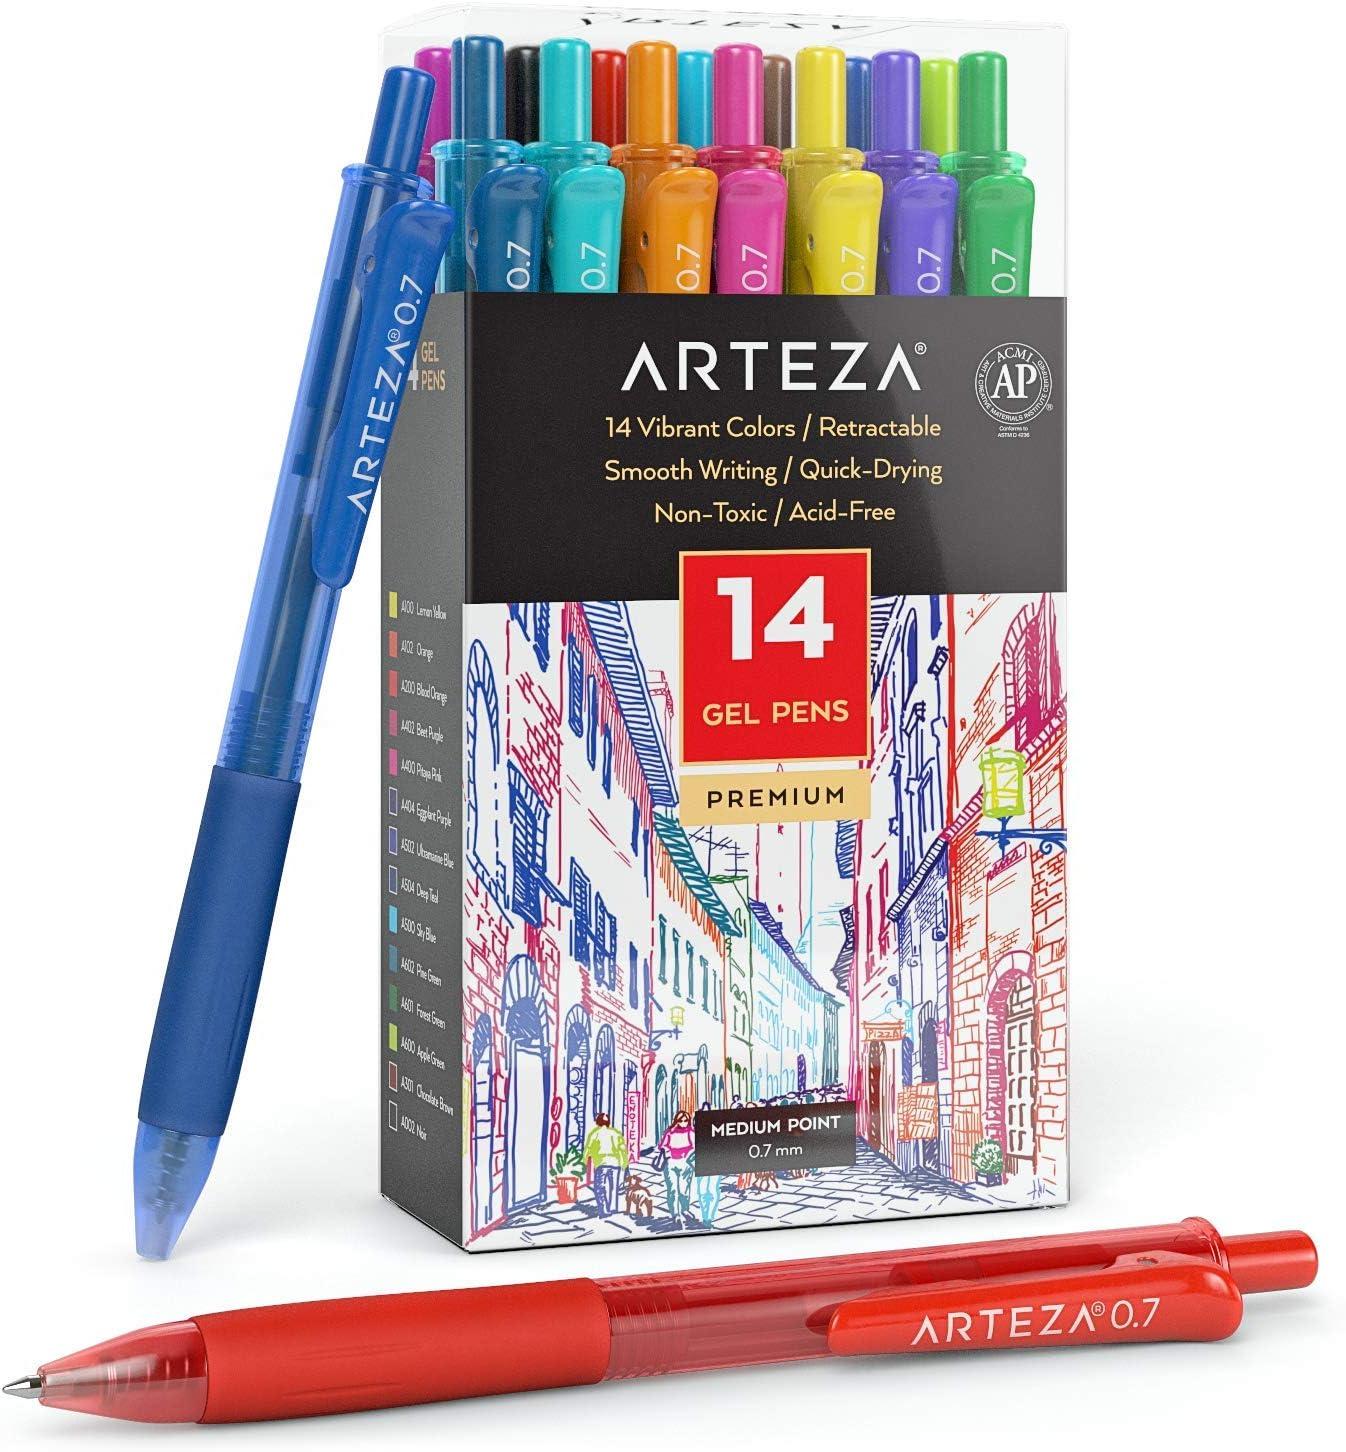 Arteza Bolígrafos de gel de colores, paquete de 14 tonos vivos diferentes, punta fina de 0.7 mm, 14 plumas de gel para escribir en tu diario, dibujar, hacer garabatos y tomar notas: